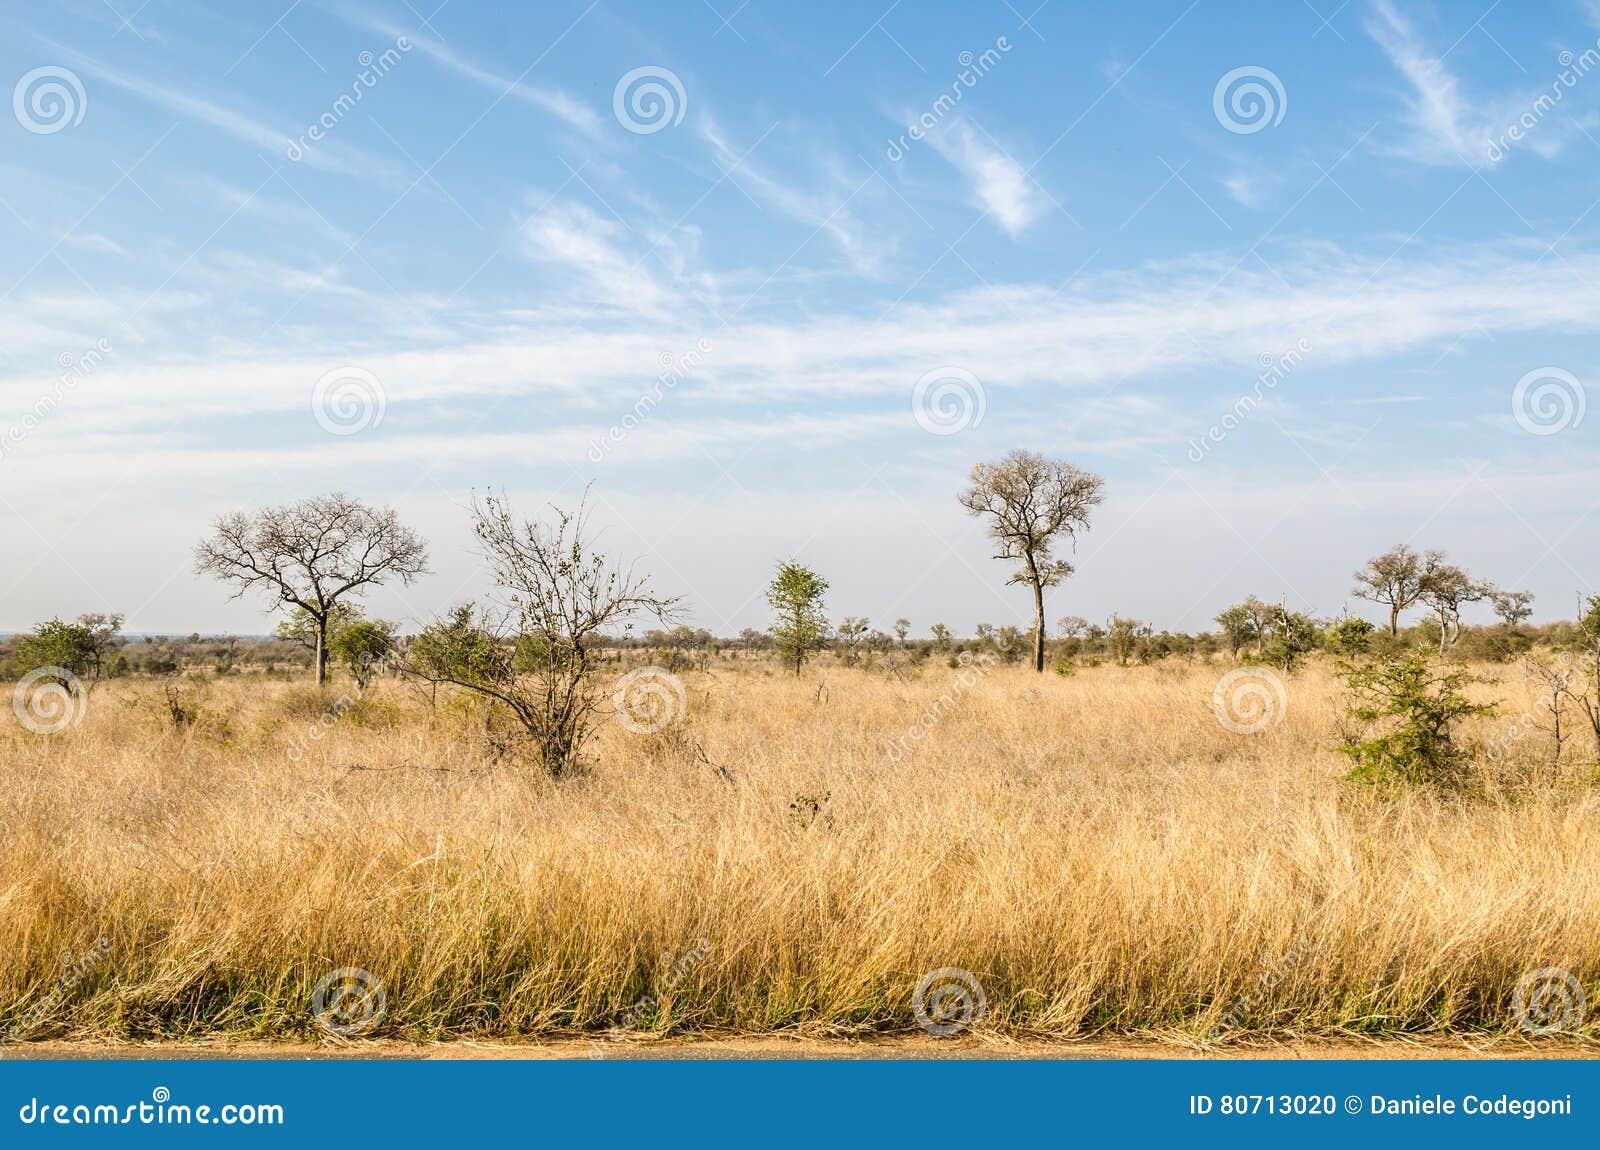 Σαβάνα, εθνικό πάρκο Kruger διάσημα βουνά kanonkop της Αφρικής κοντά στο γραφικό αμπελώνα νότιων άνοιξη